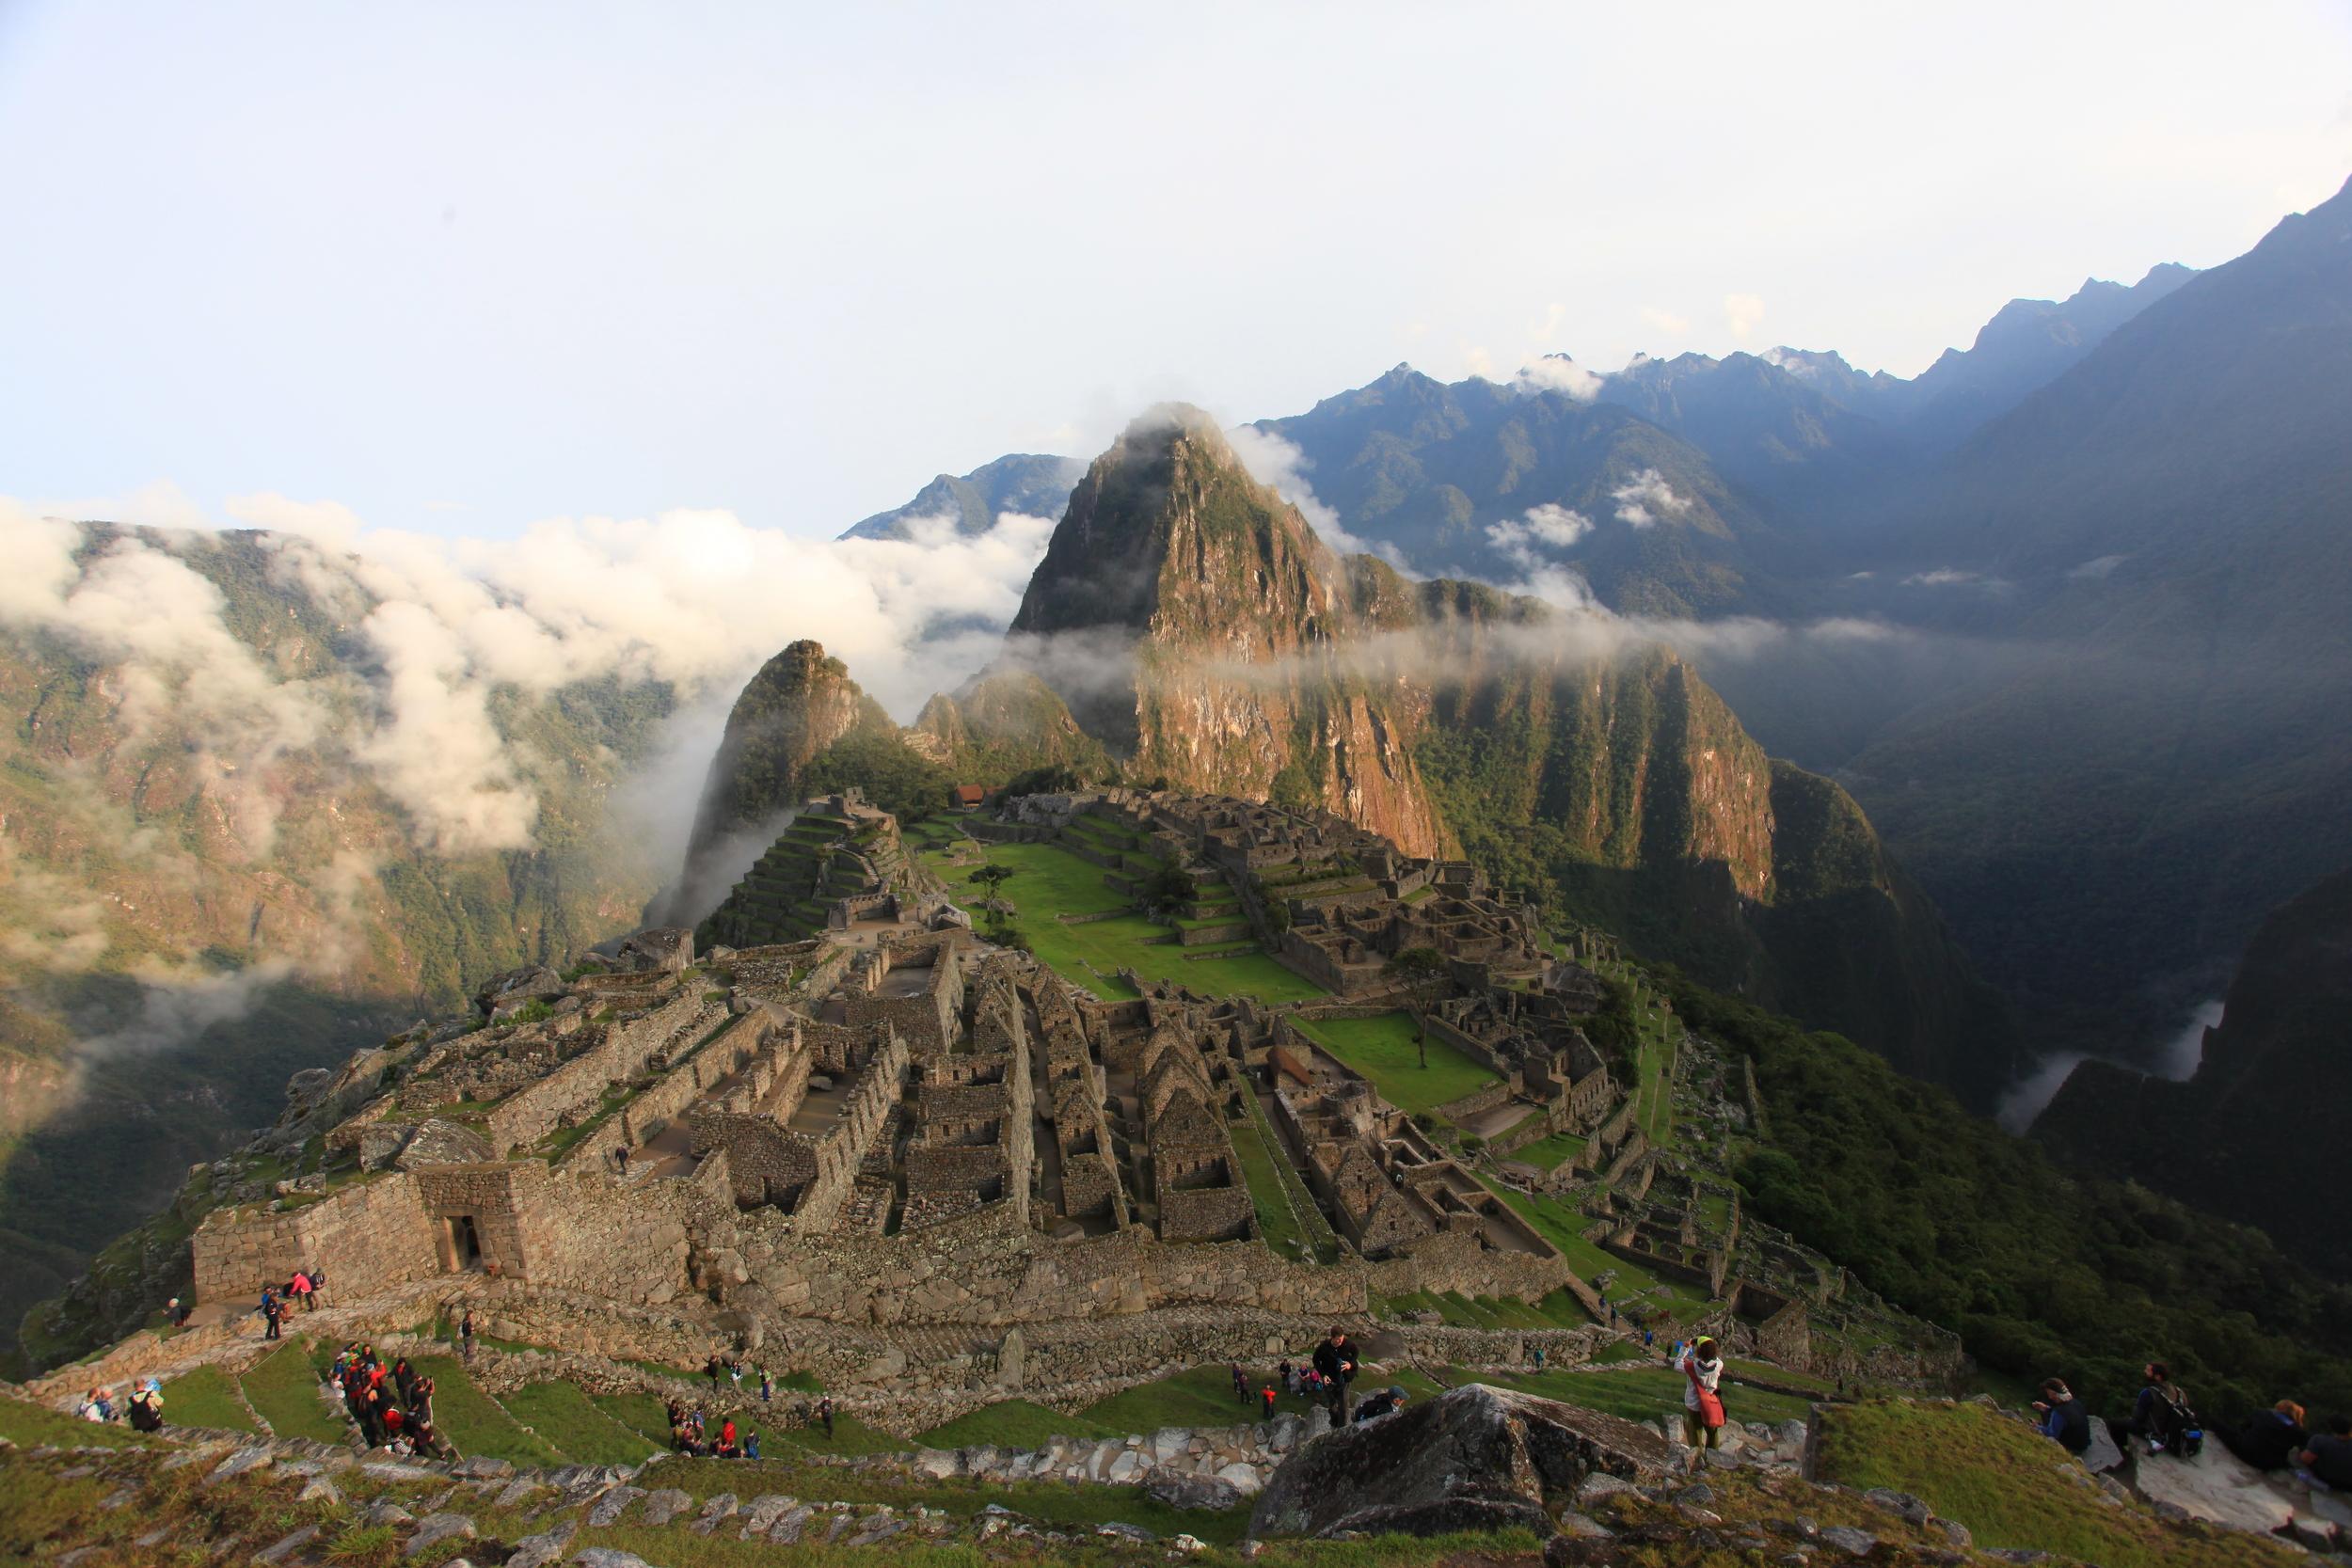 Episode 8: Machu Picchu